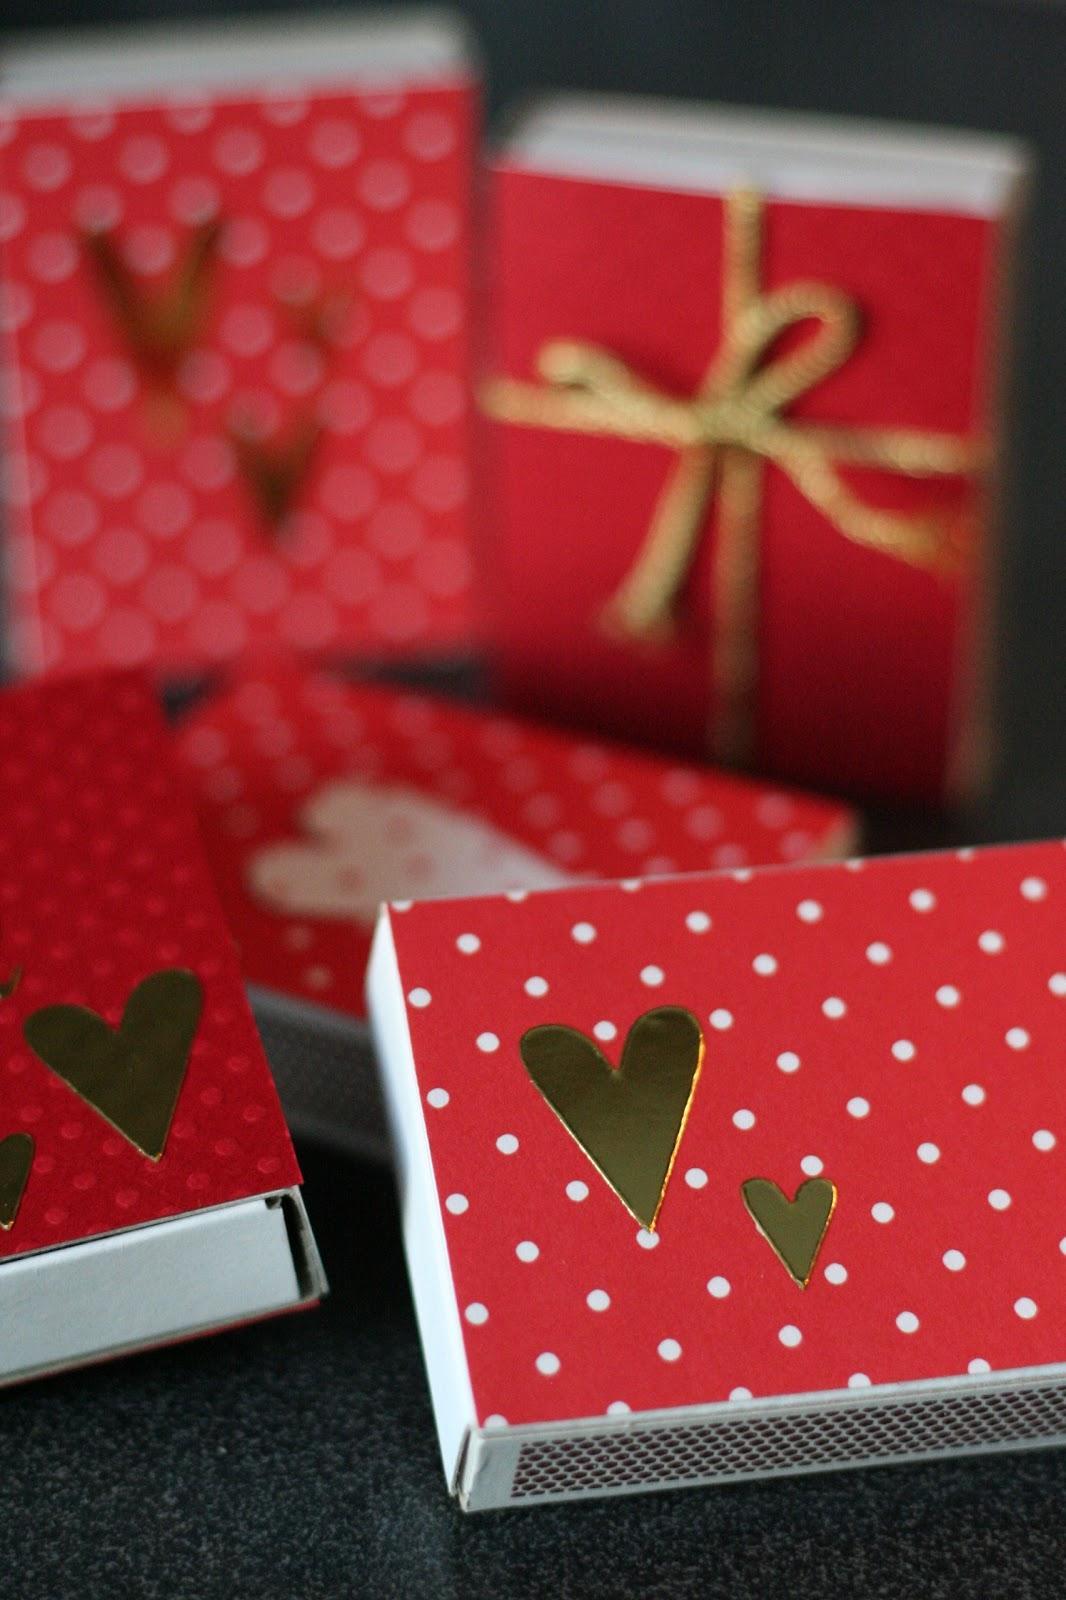 Anslutningar dating och matchmaking tjänster